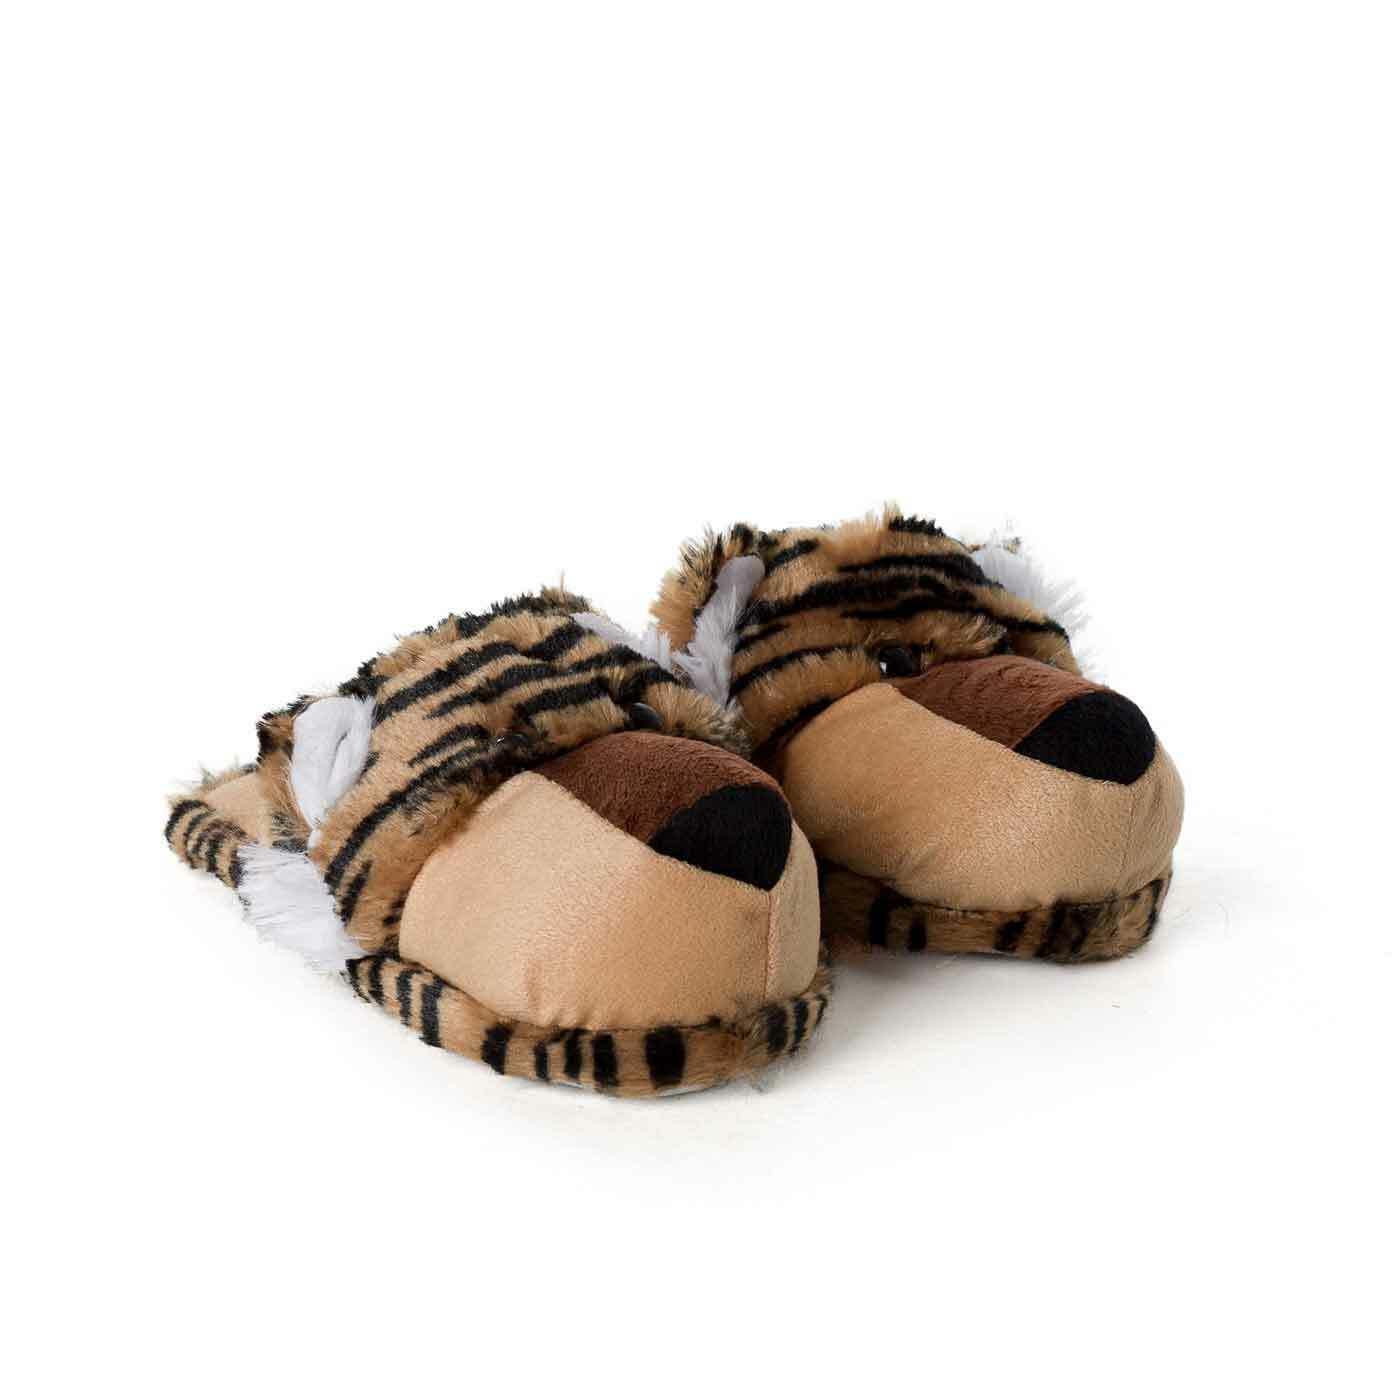 Plüsch tier kuschelige Hase funslippers Tier Pantoffeln